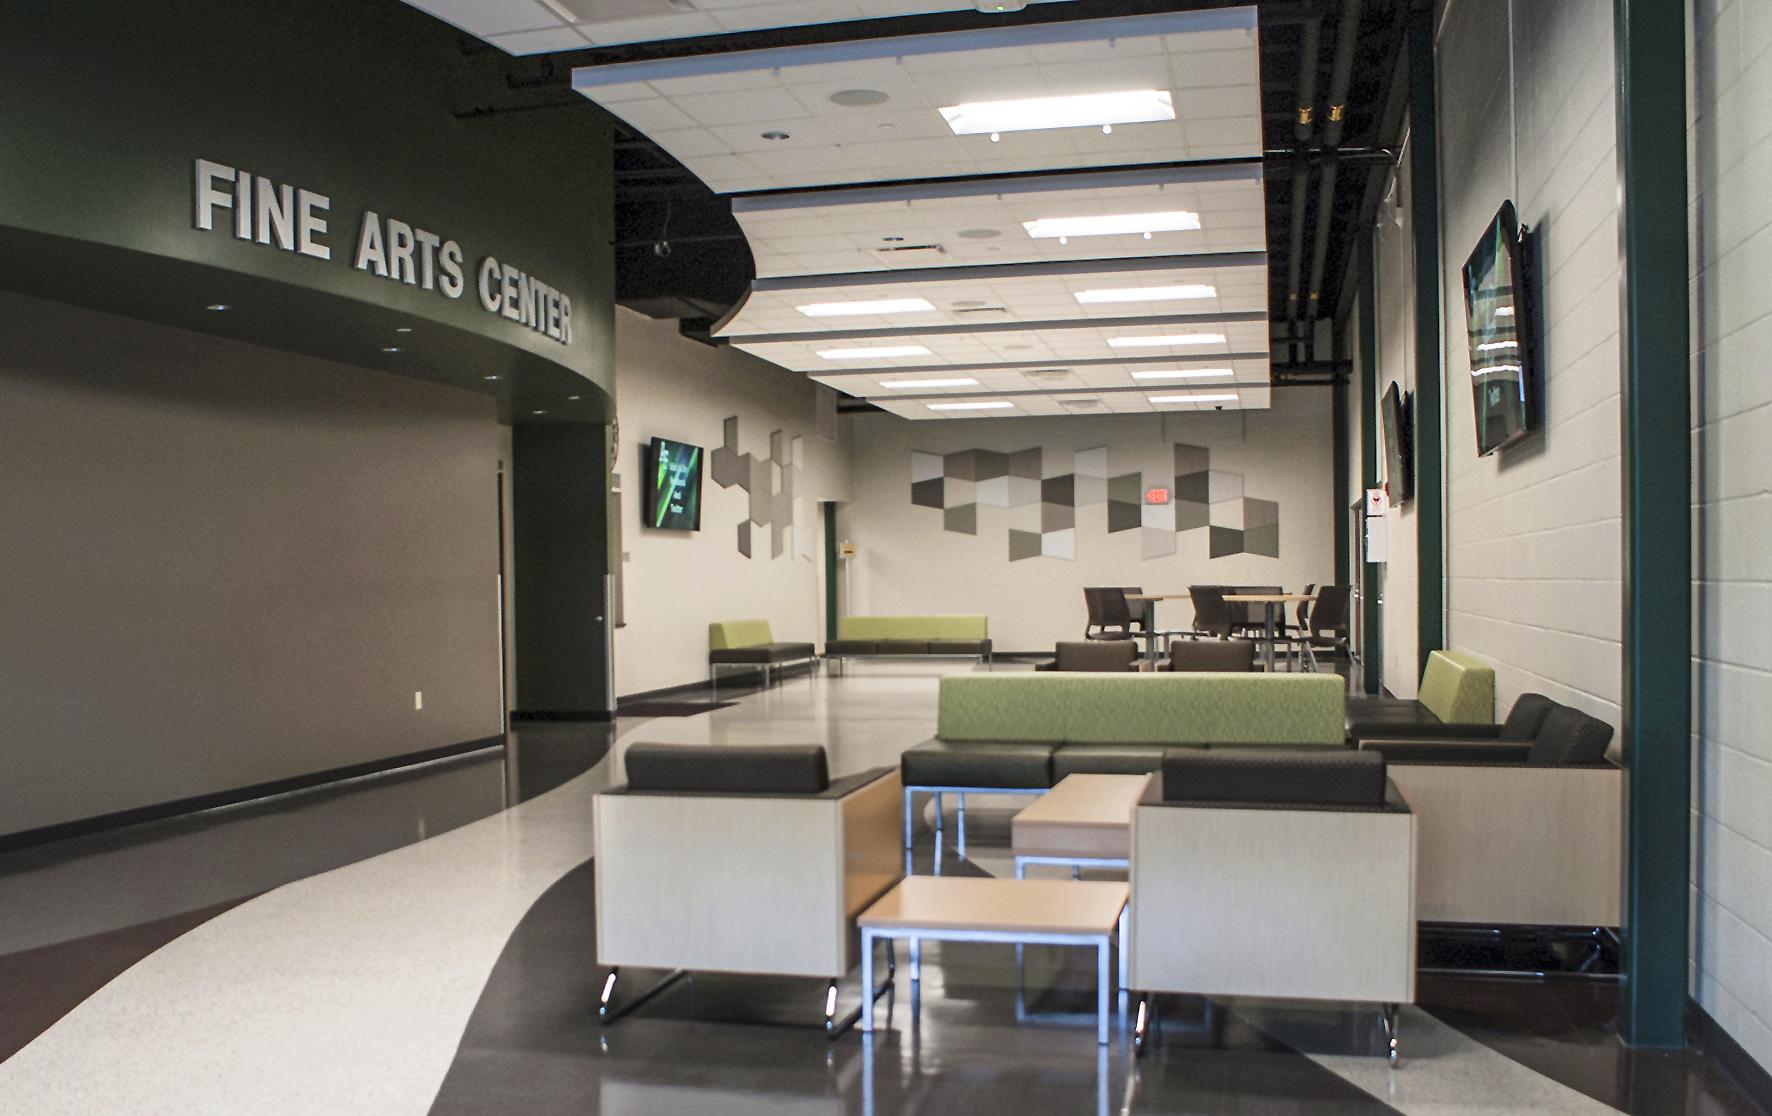 4_Adams-Friendship-Fine-Arts-Center